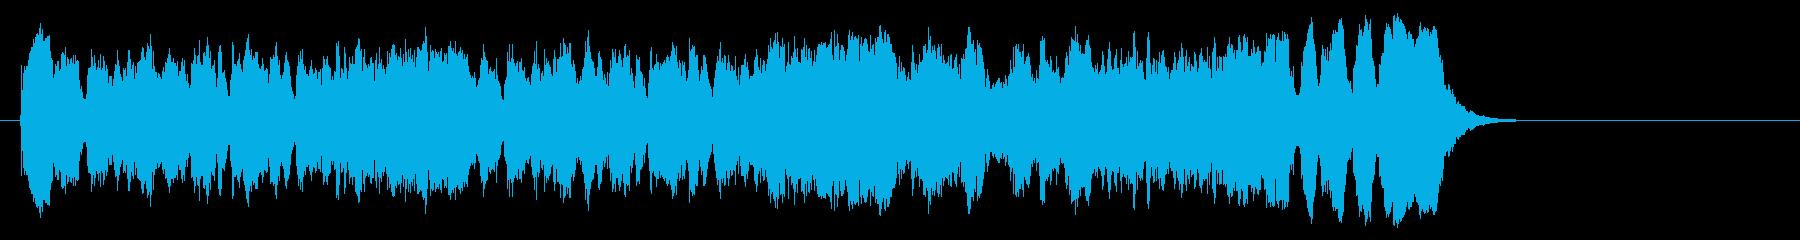 気品高いオーケストラ楽曲(サビ~エンド)の再生済みの波形